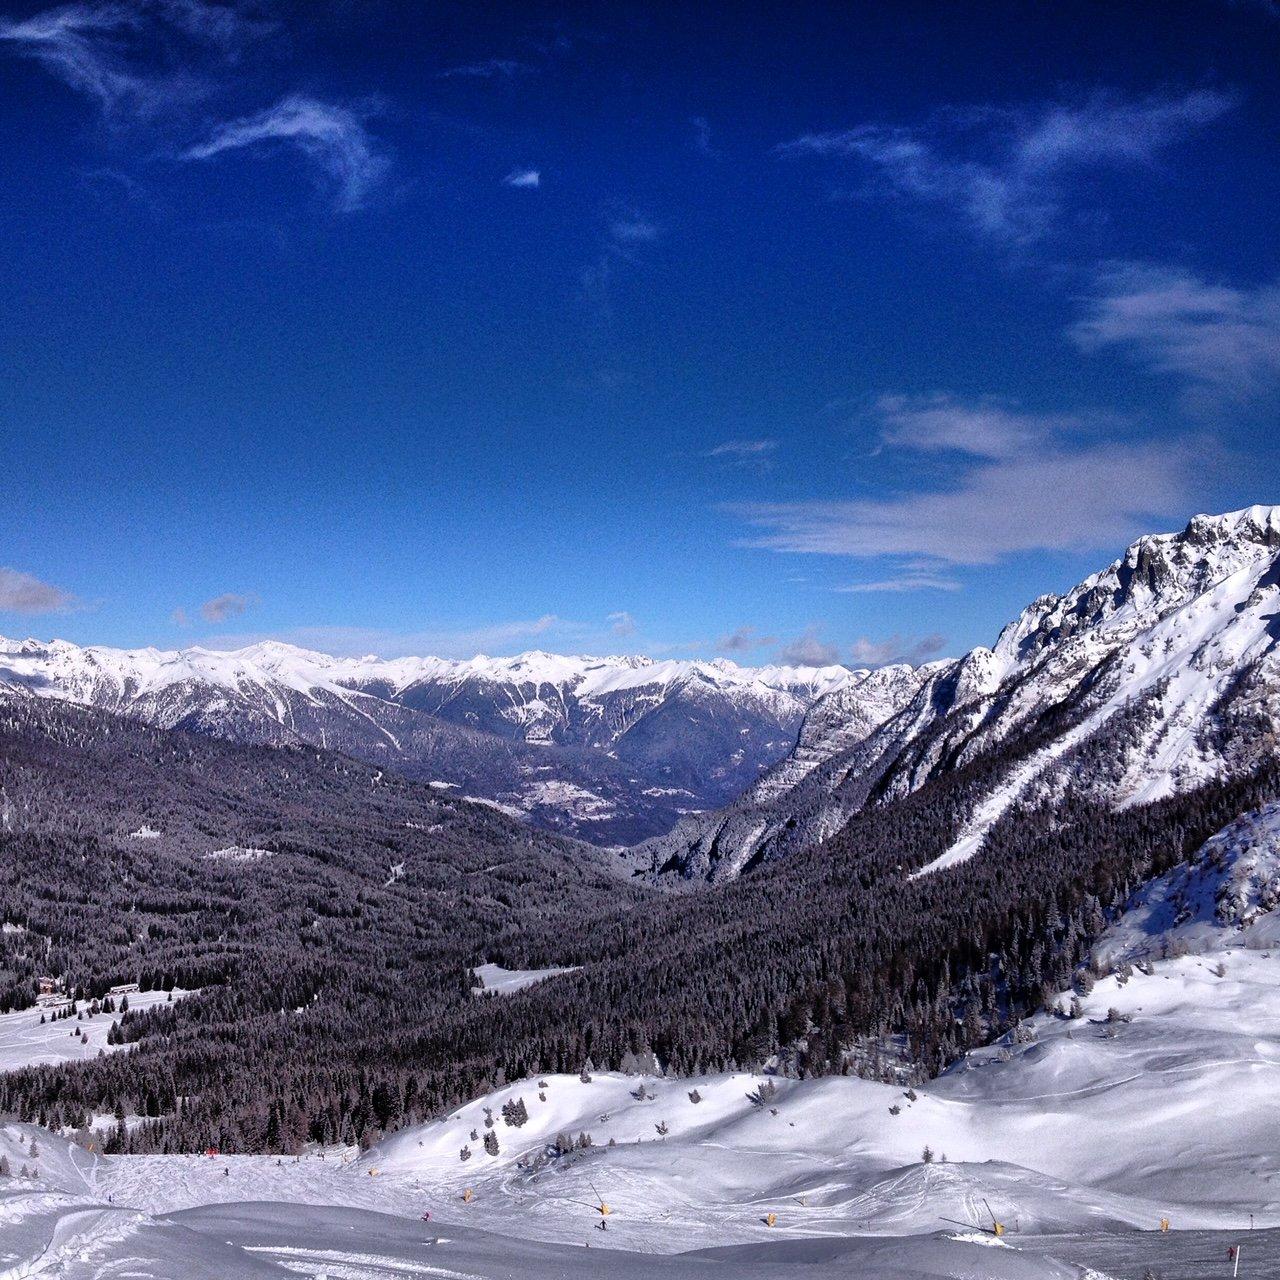 Questo è uno dei magnifici panorami che incontreremo sciando in Val Badia